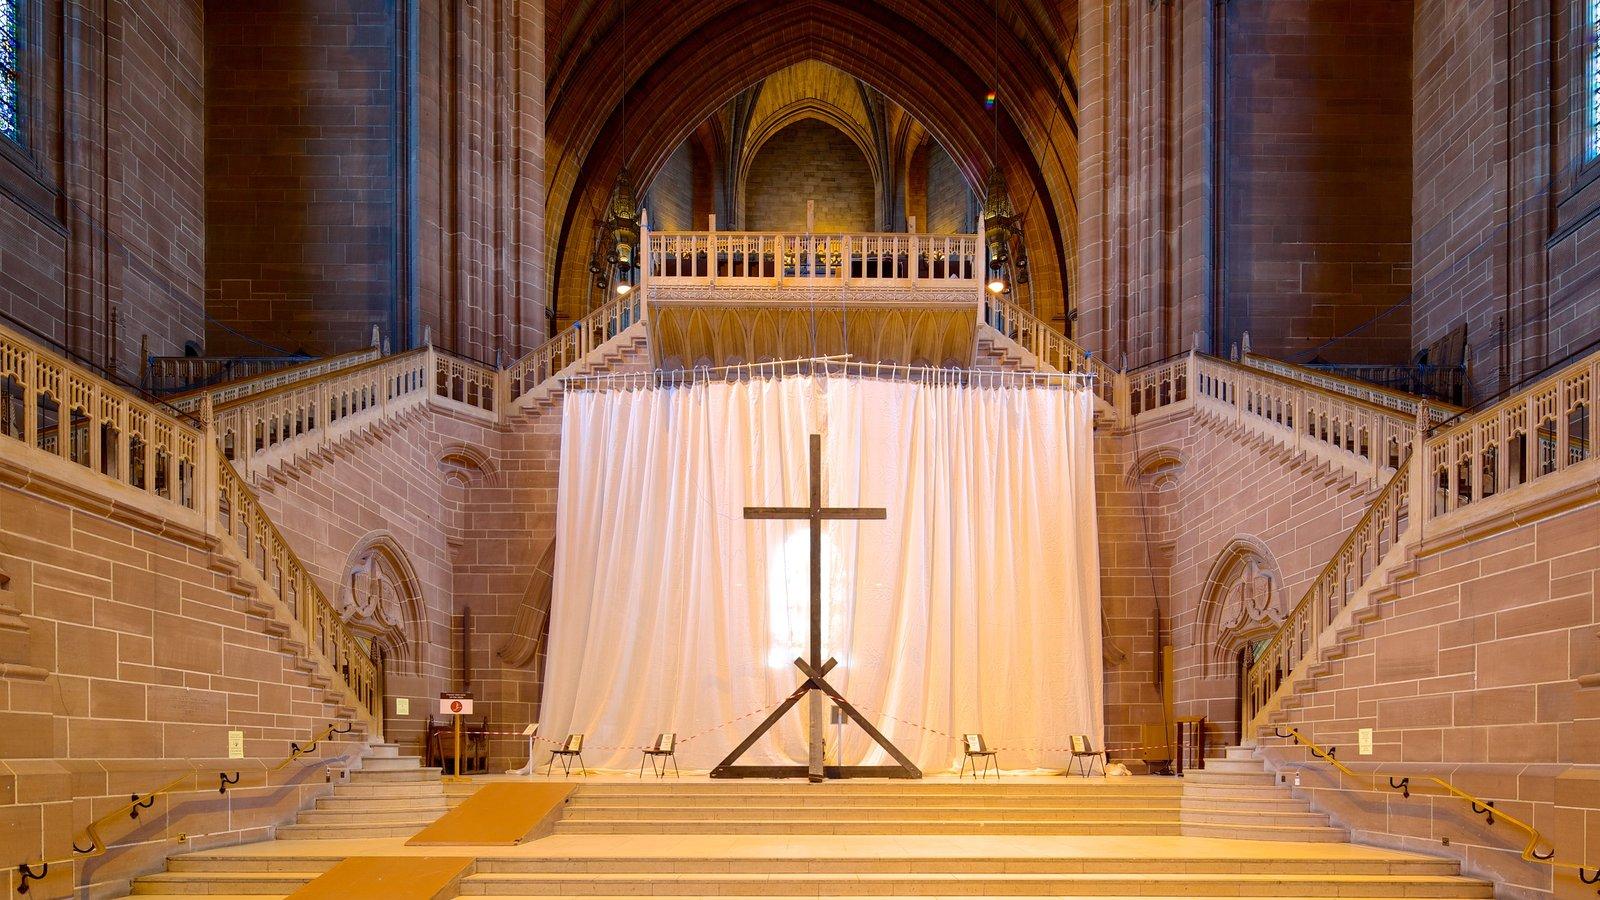 Liverpool Anglican Cathedral mostrando aspectos religiosos, una iglesia o catedral y vistas interiores